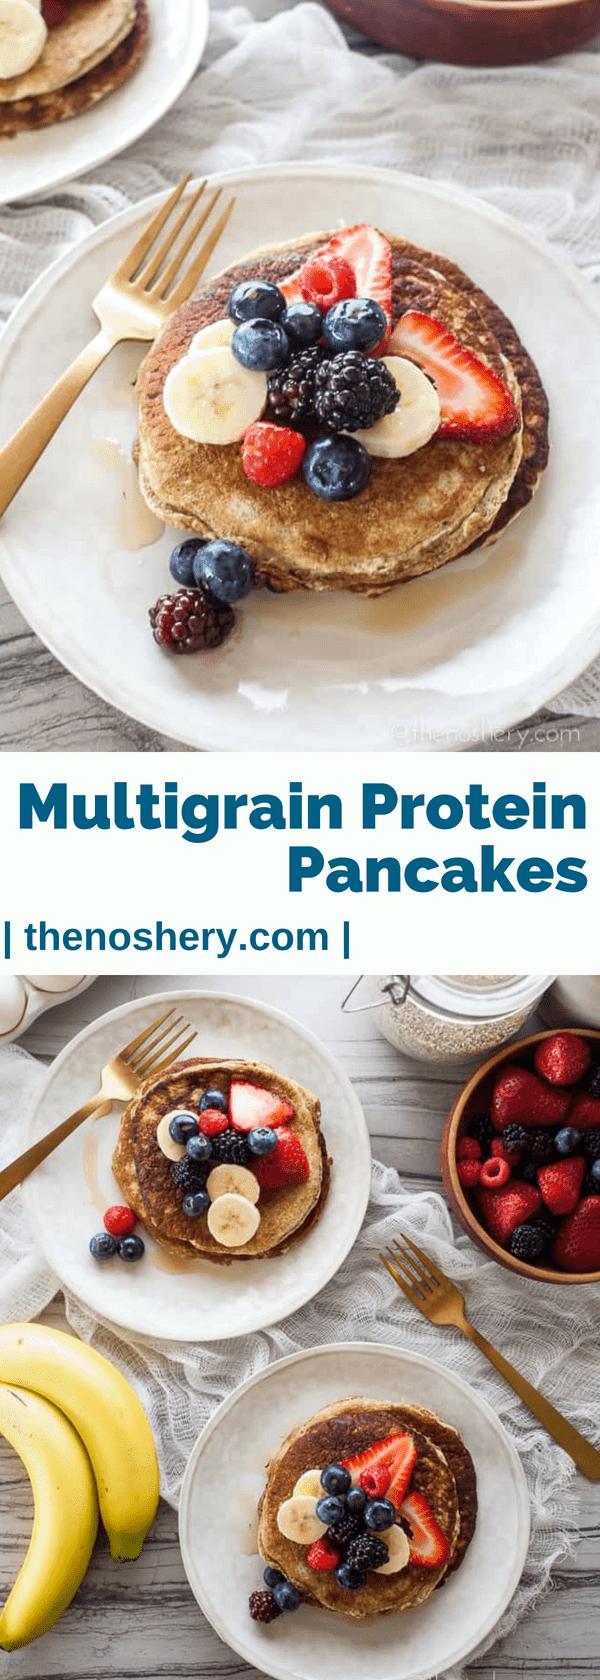 Multigrain Protein Pancakes